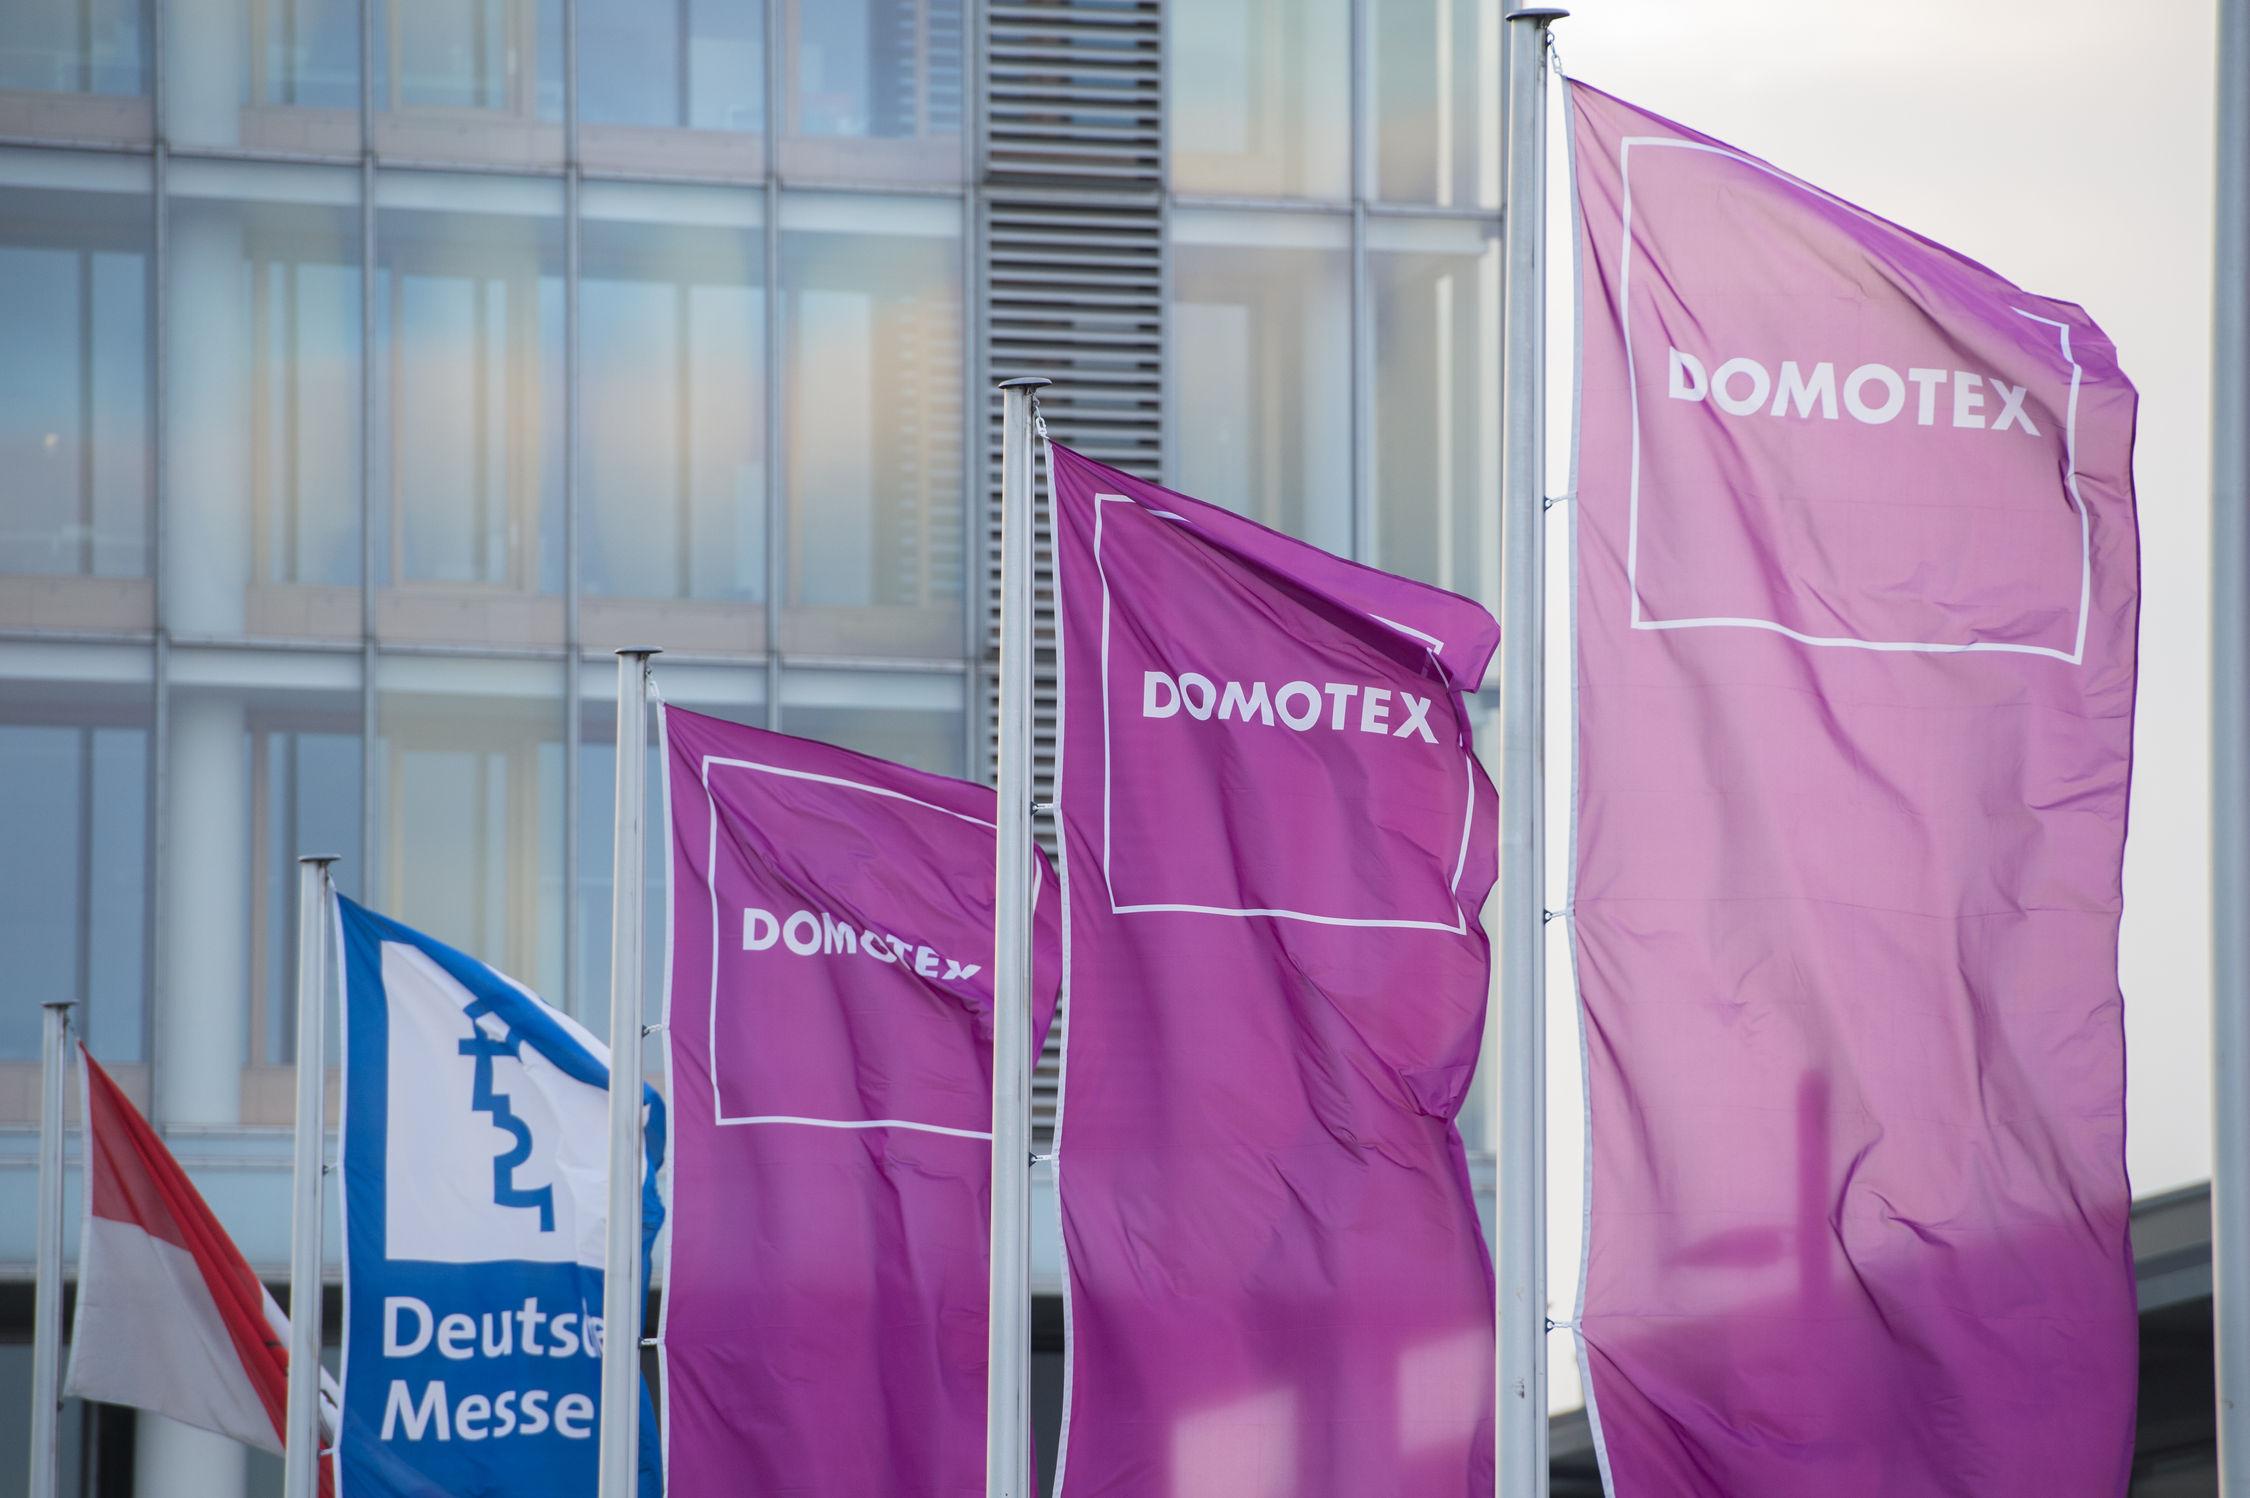 جدیدترین اخبار در خصوص پیشروترین نمایشگاه فرش و کفپوش جهان دموتکس 2022: